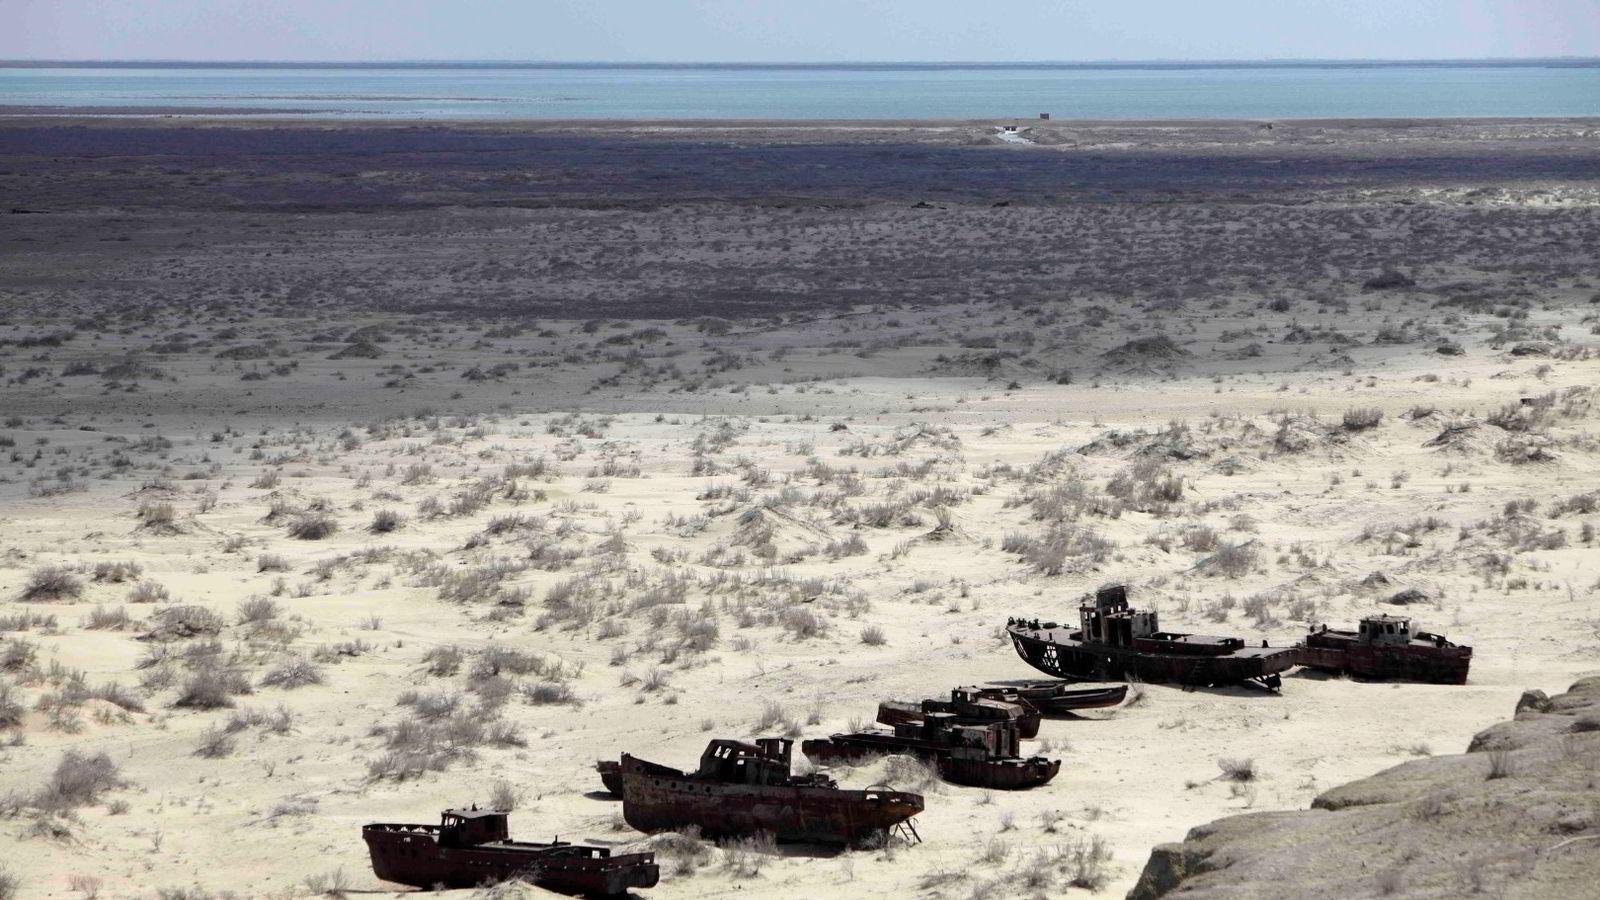 TØRKE: Arkivbilde fra 2010 som viser en skips-kirkegård på en inntørket del av  Aral-sjøen i Usbekistan. Foto: Alexander Zemlianichenko/AP Photo/NTB scanpix